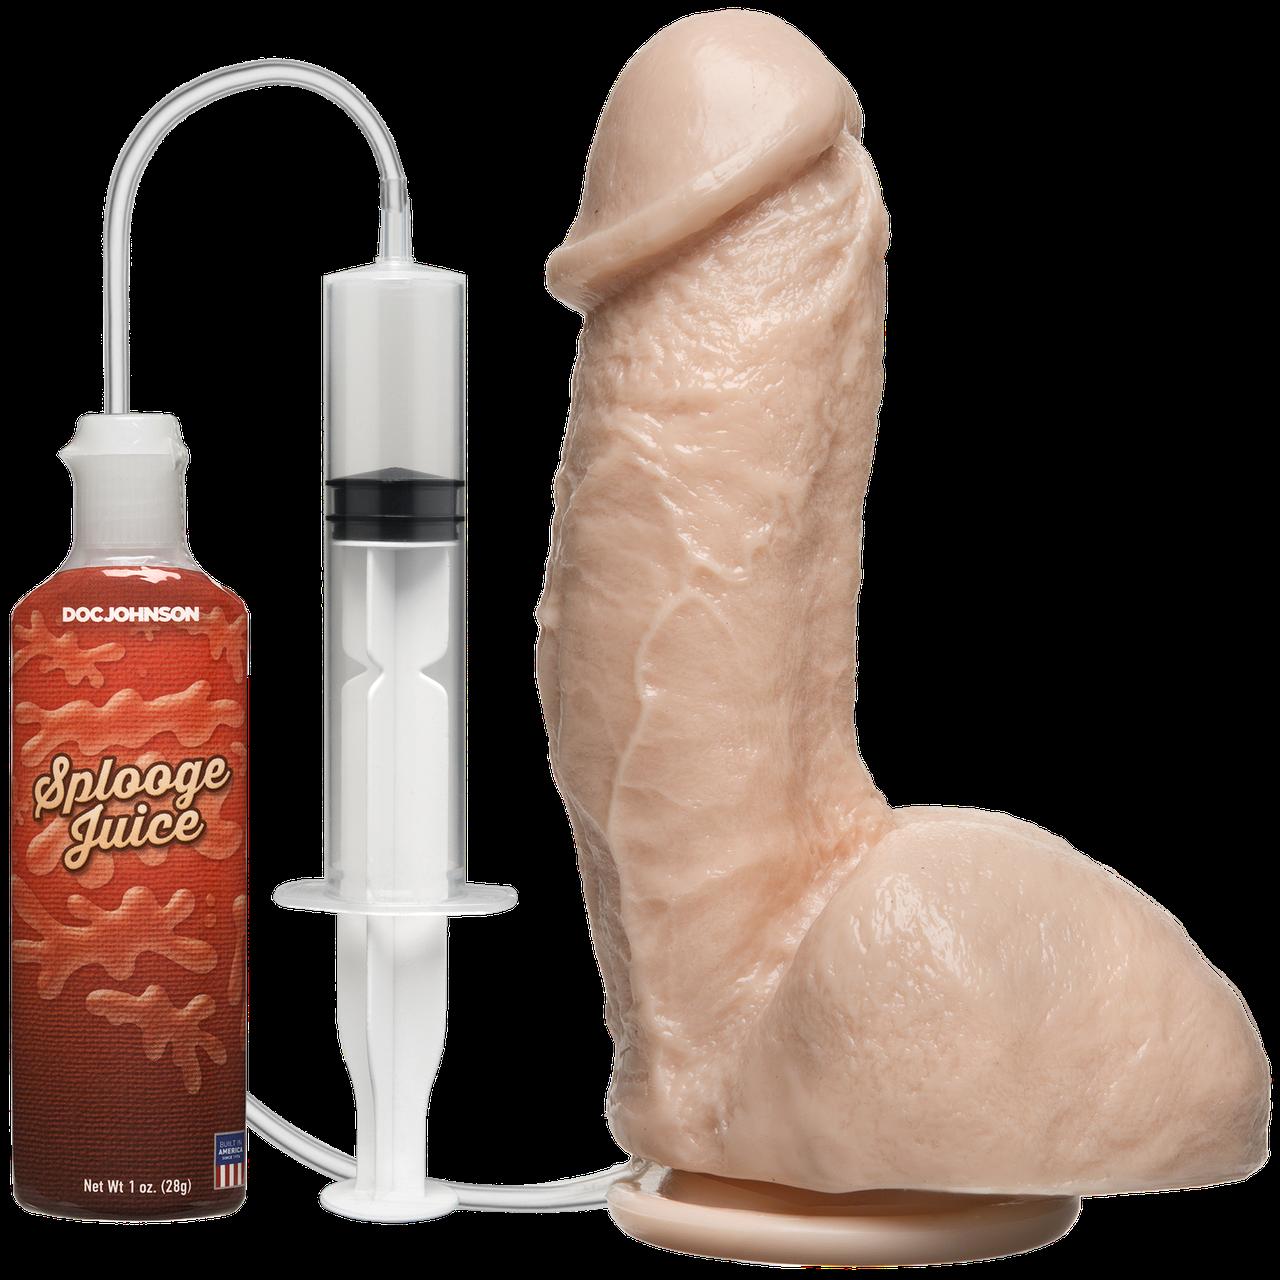 Кончающий фаллоимитатор Doc Johnson The Amazing Squirting Realistic Cock